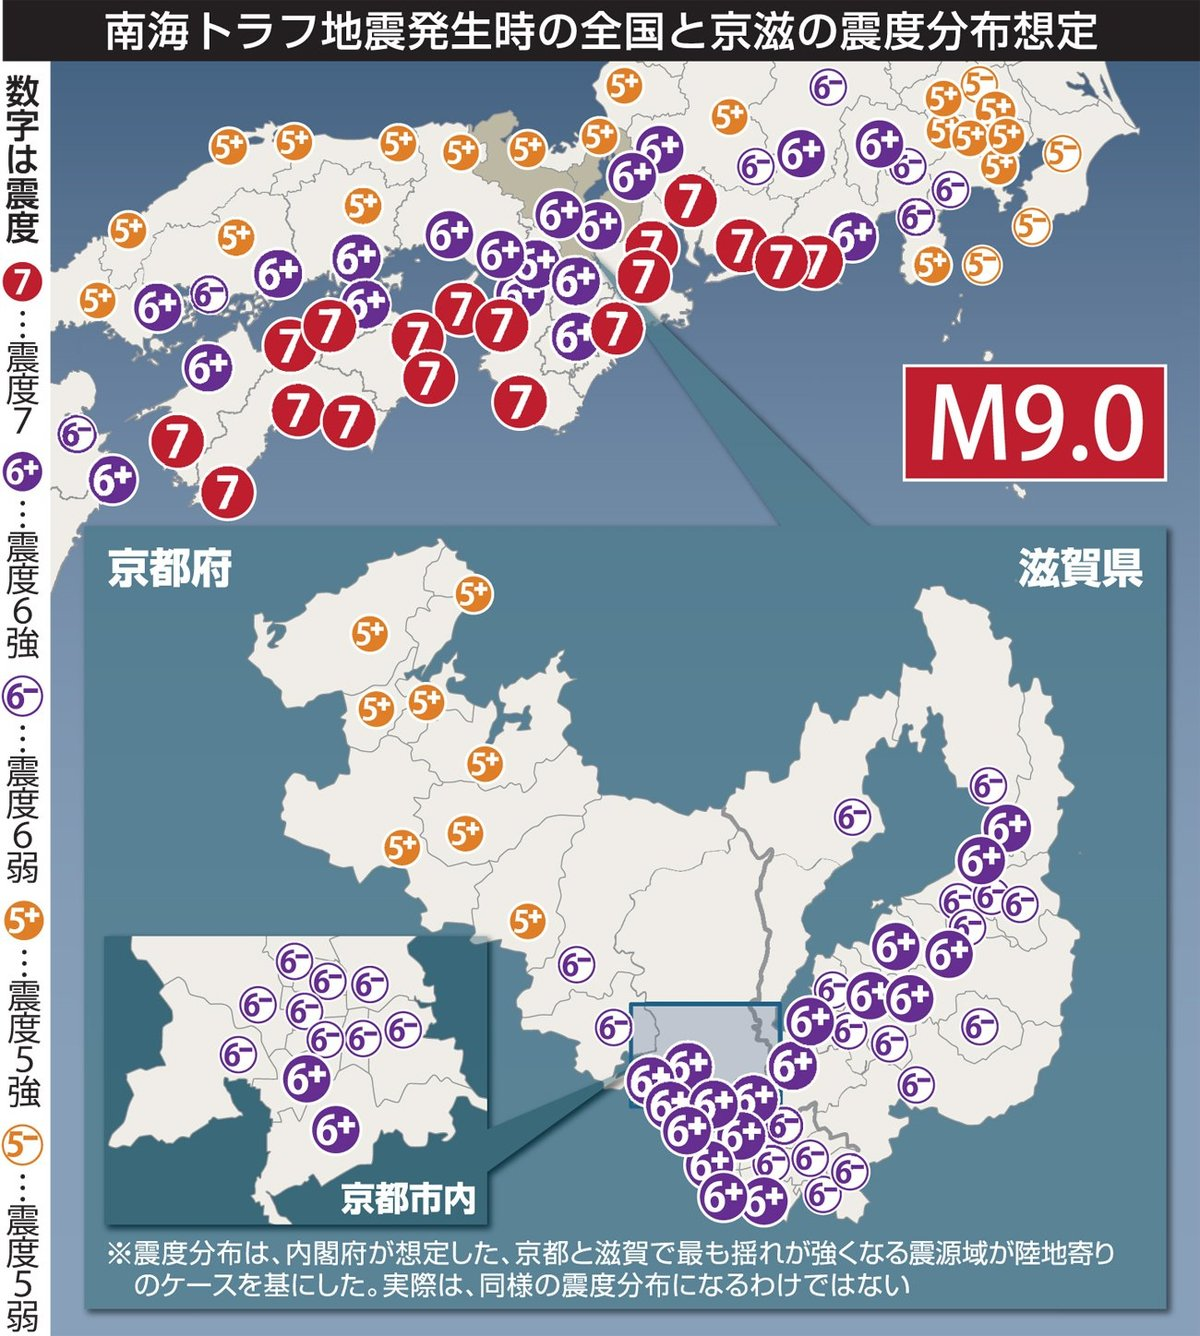 予想 南海 トラフ 地震 いつ頃起こる?南海トラフ地震を予想する